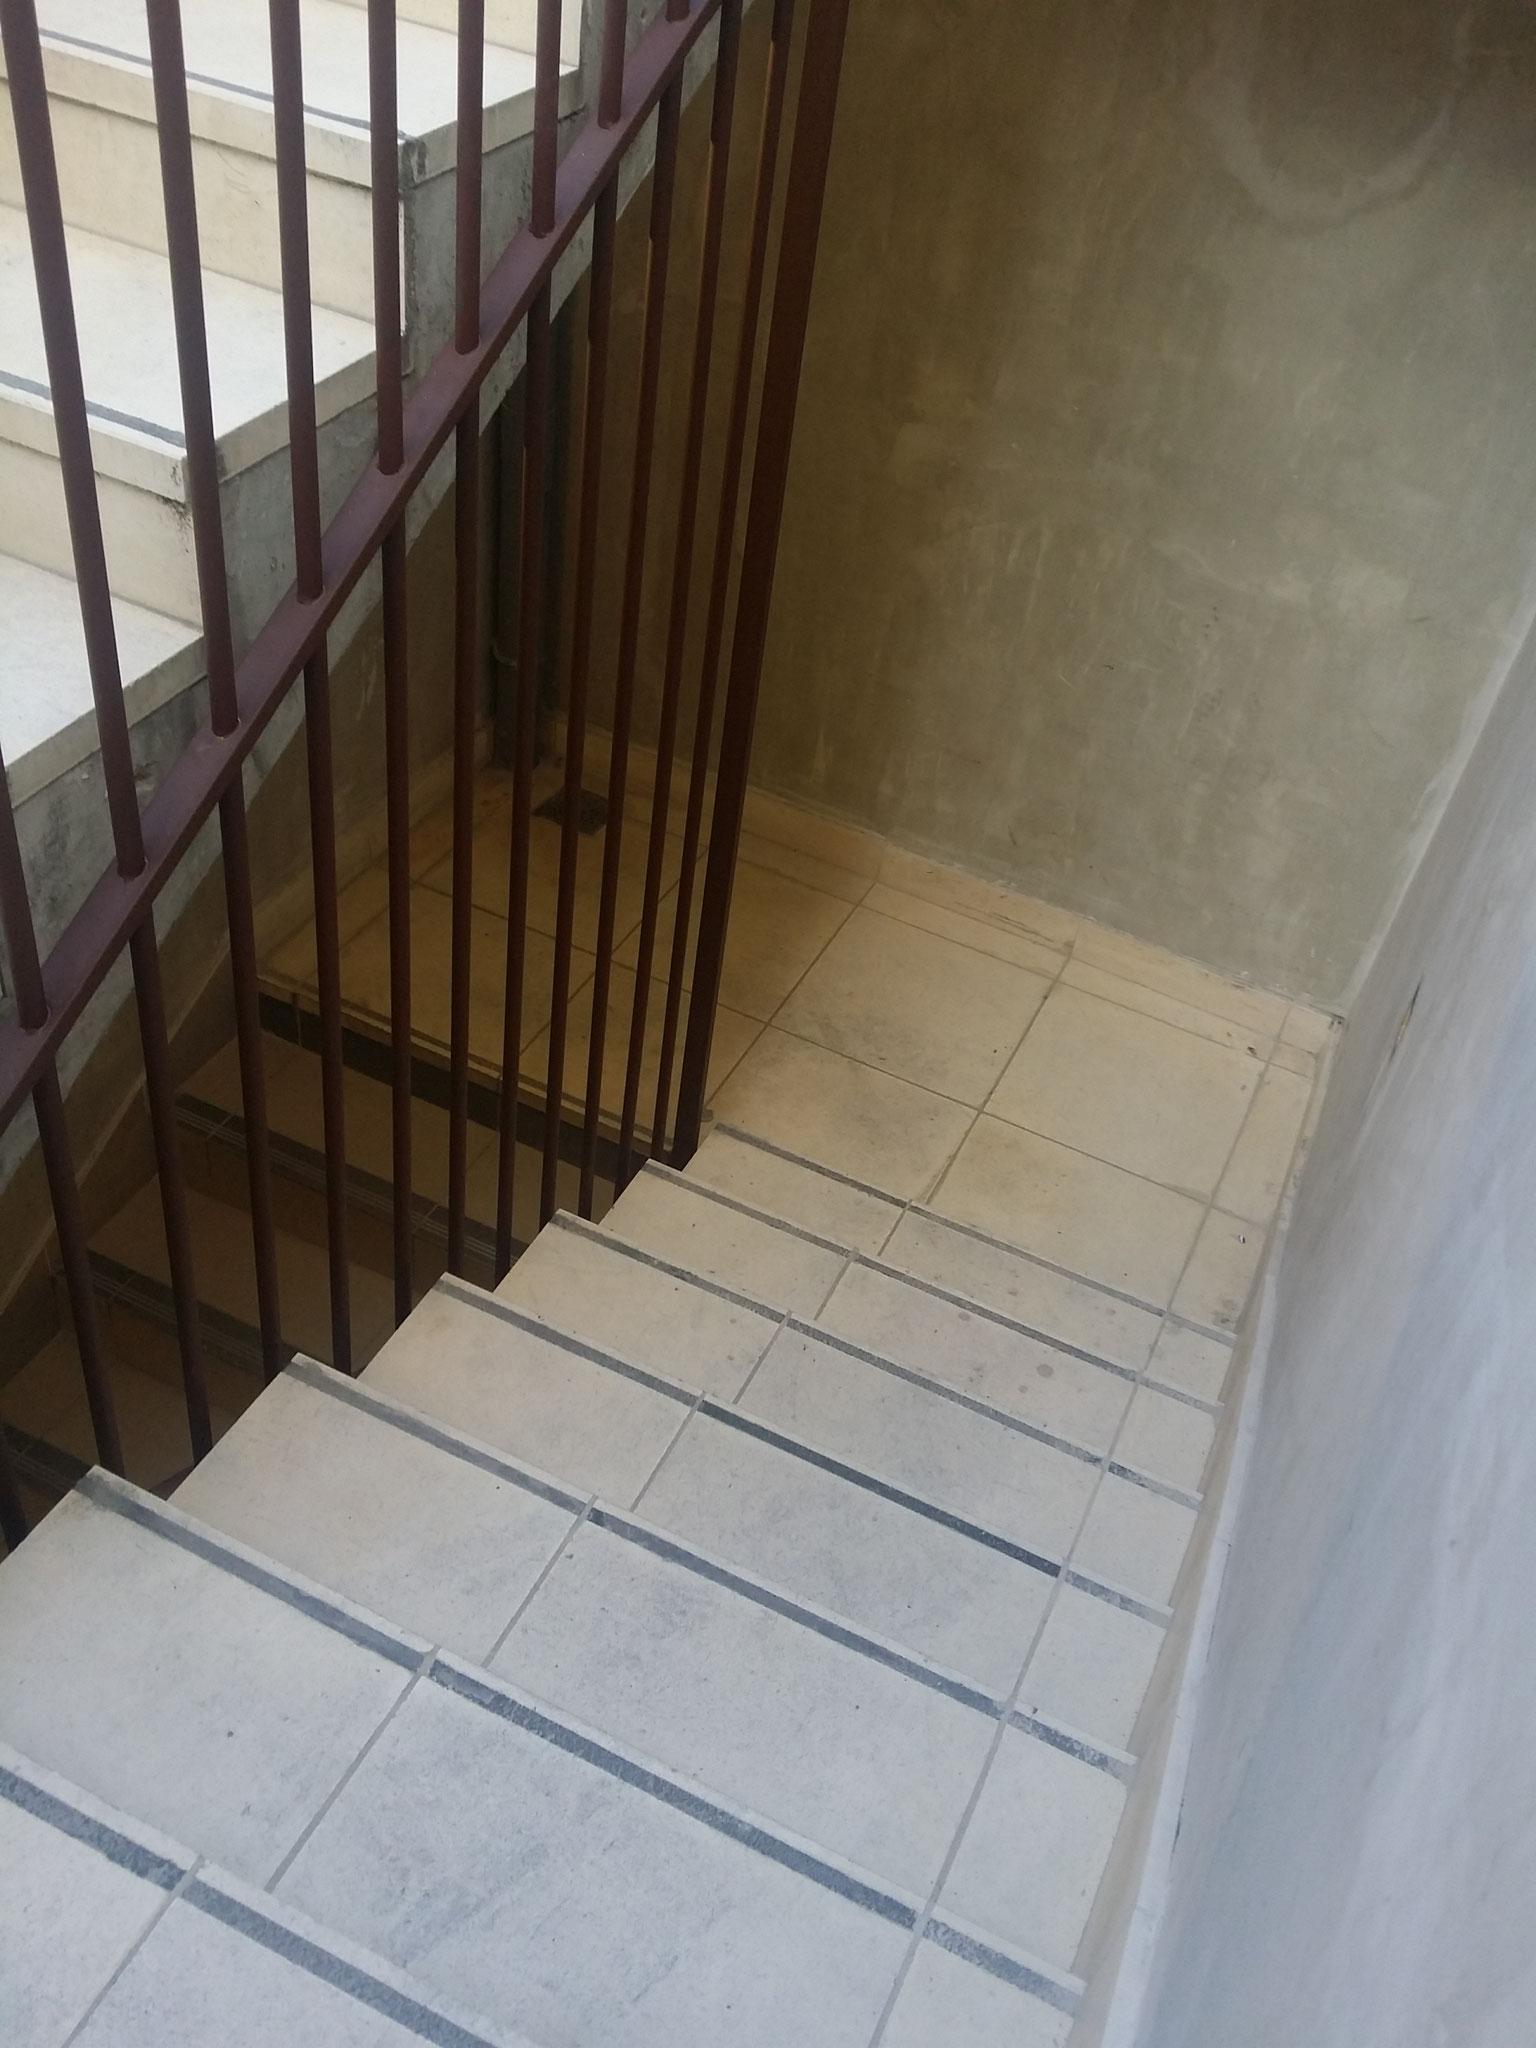 Absence de main courante de part et d'autre de l'escalier